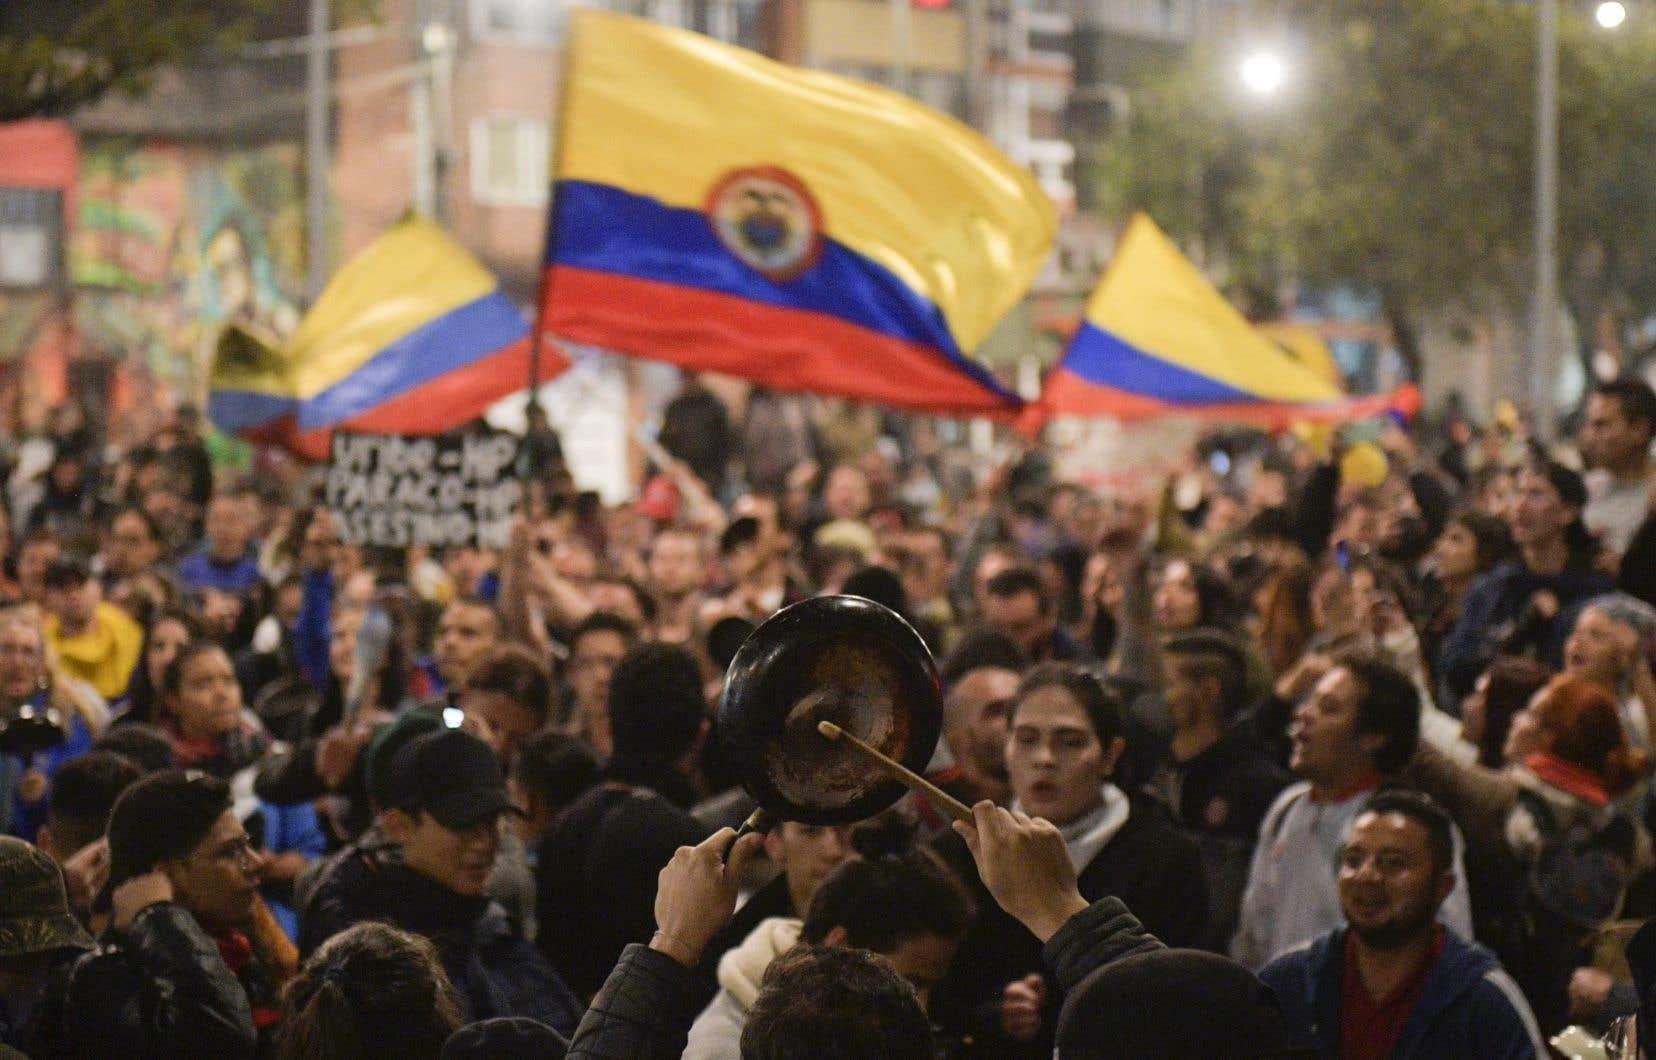 Dans la nuit de vendredi à samedi, des centaines de personnes avaient défié le couvre-feu à Bogota, en tapant sur des casseroles et des marmites, notamment pendant plus d'une heure devant le domicile d'Ivan Duque.